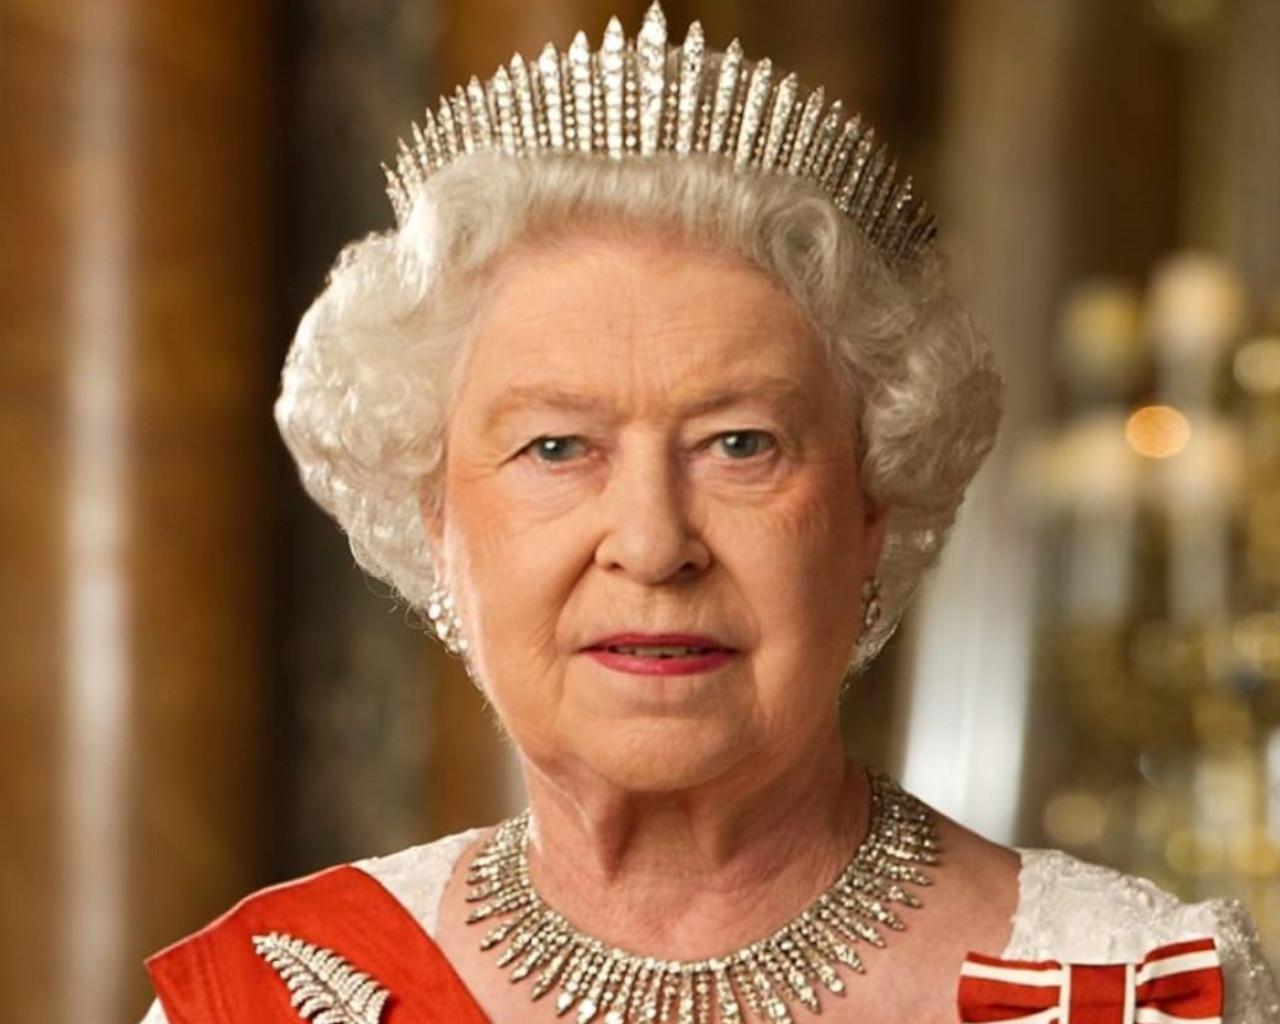 βασιλισσα ελισαβετ,βασιλισσα ελισαβετ παιδια,βασιλισσα ελισαβετ υψοσ,βασιλισσα ελισαβετ συζυγοσ,βασιλισσα ελισαβετ γαμοσ,βασιλισσα ελισαβετ α,βασιλισσα ελισαβετ νεα,βασιλισσα ελισαβετ β,βασιλισσα ελισαβετ αδερφια